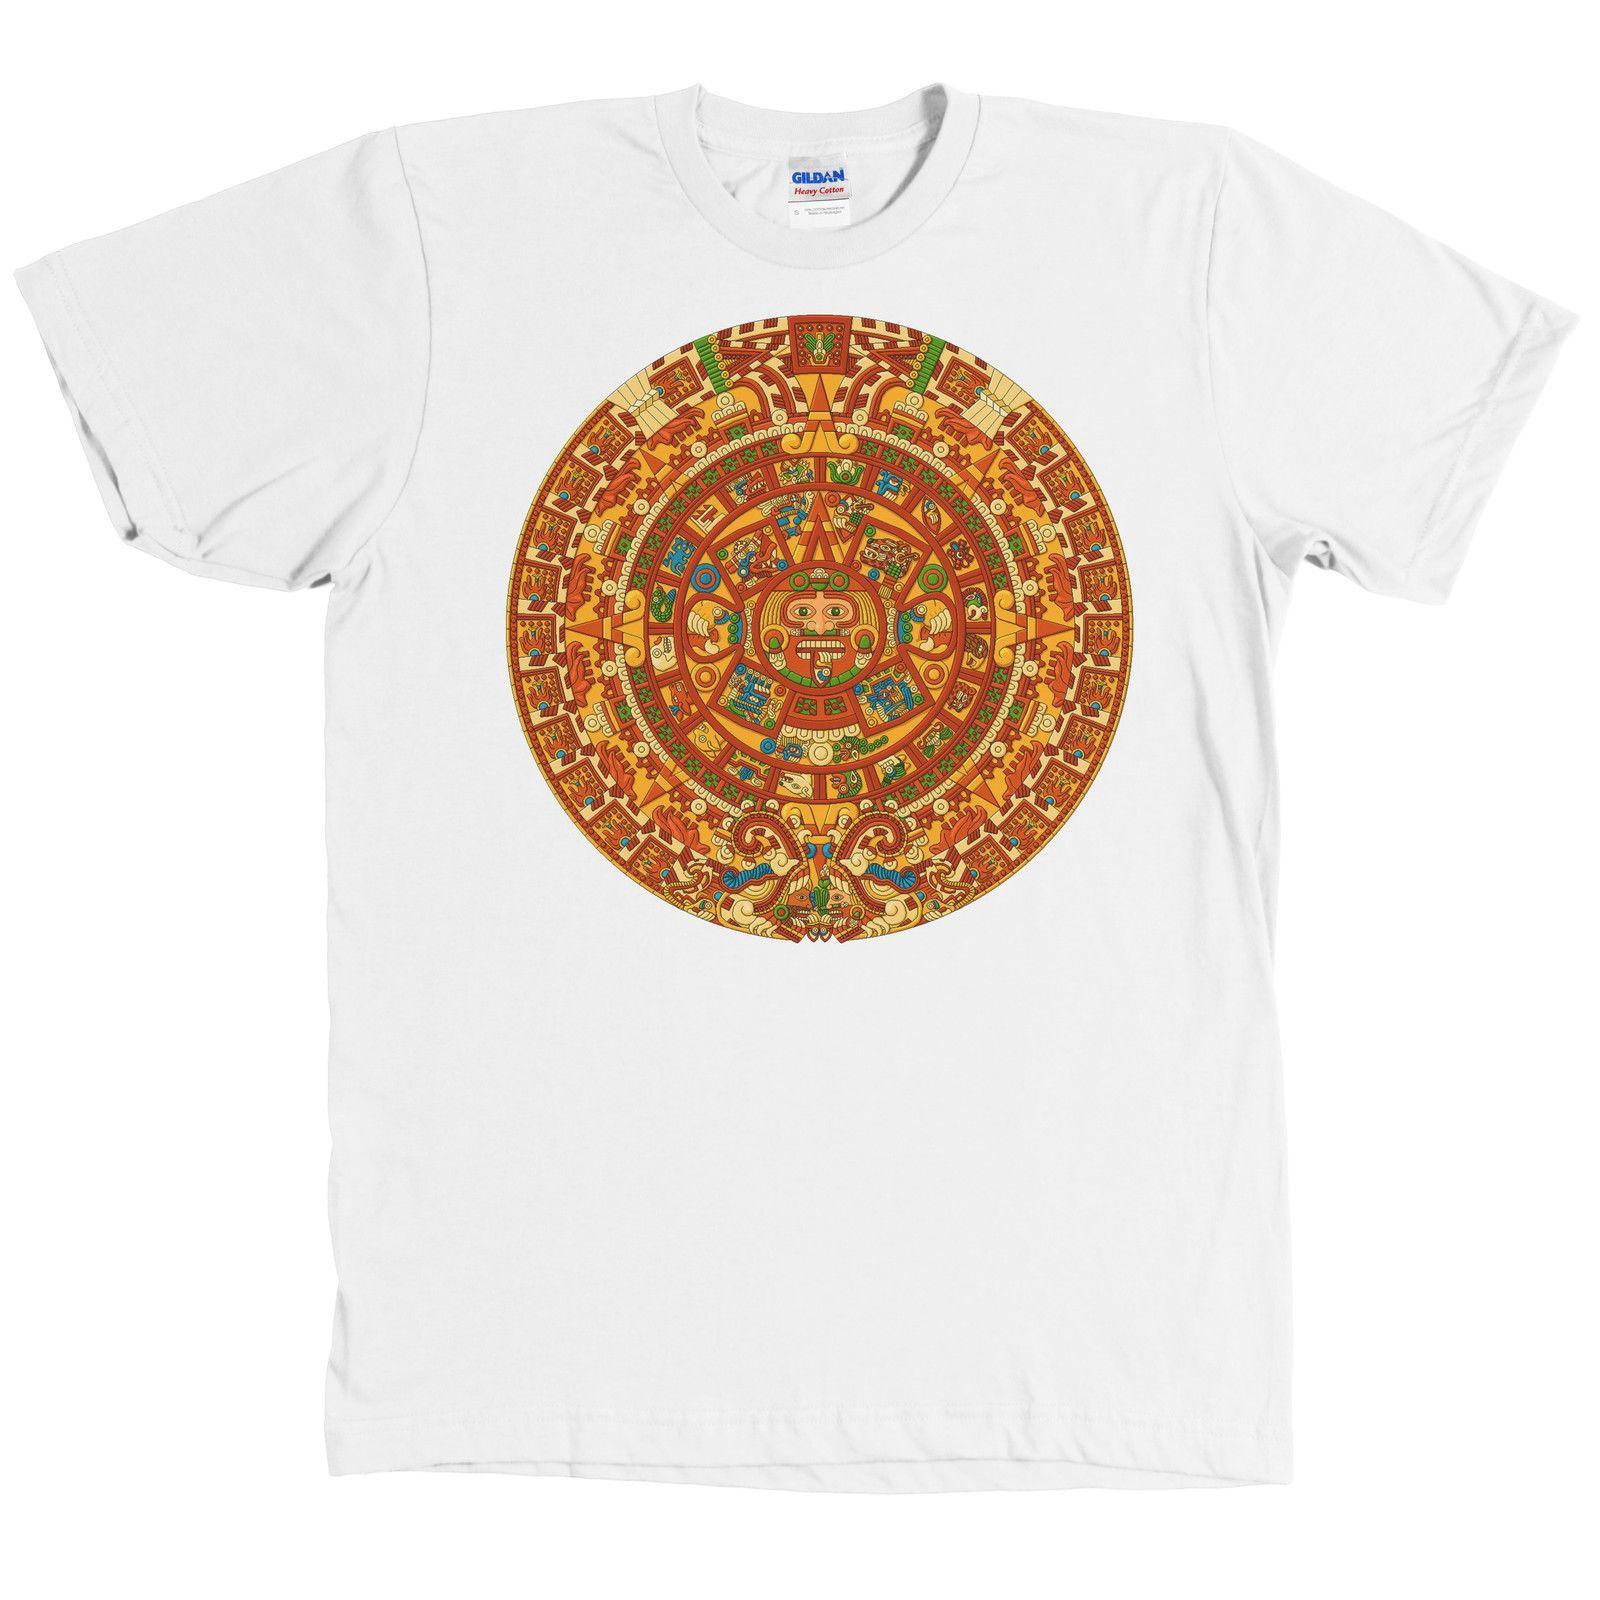 pre Camiseta Del Calendario Maya Camiseta Azteca NUEVA CON ETIQUETAS Camiseta De La Marca De Moda Para Hombre 2018 Camiseta De Algod³n Con